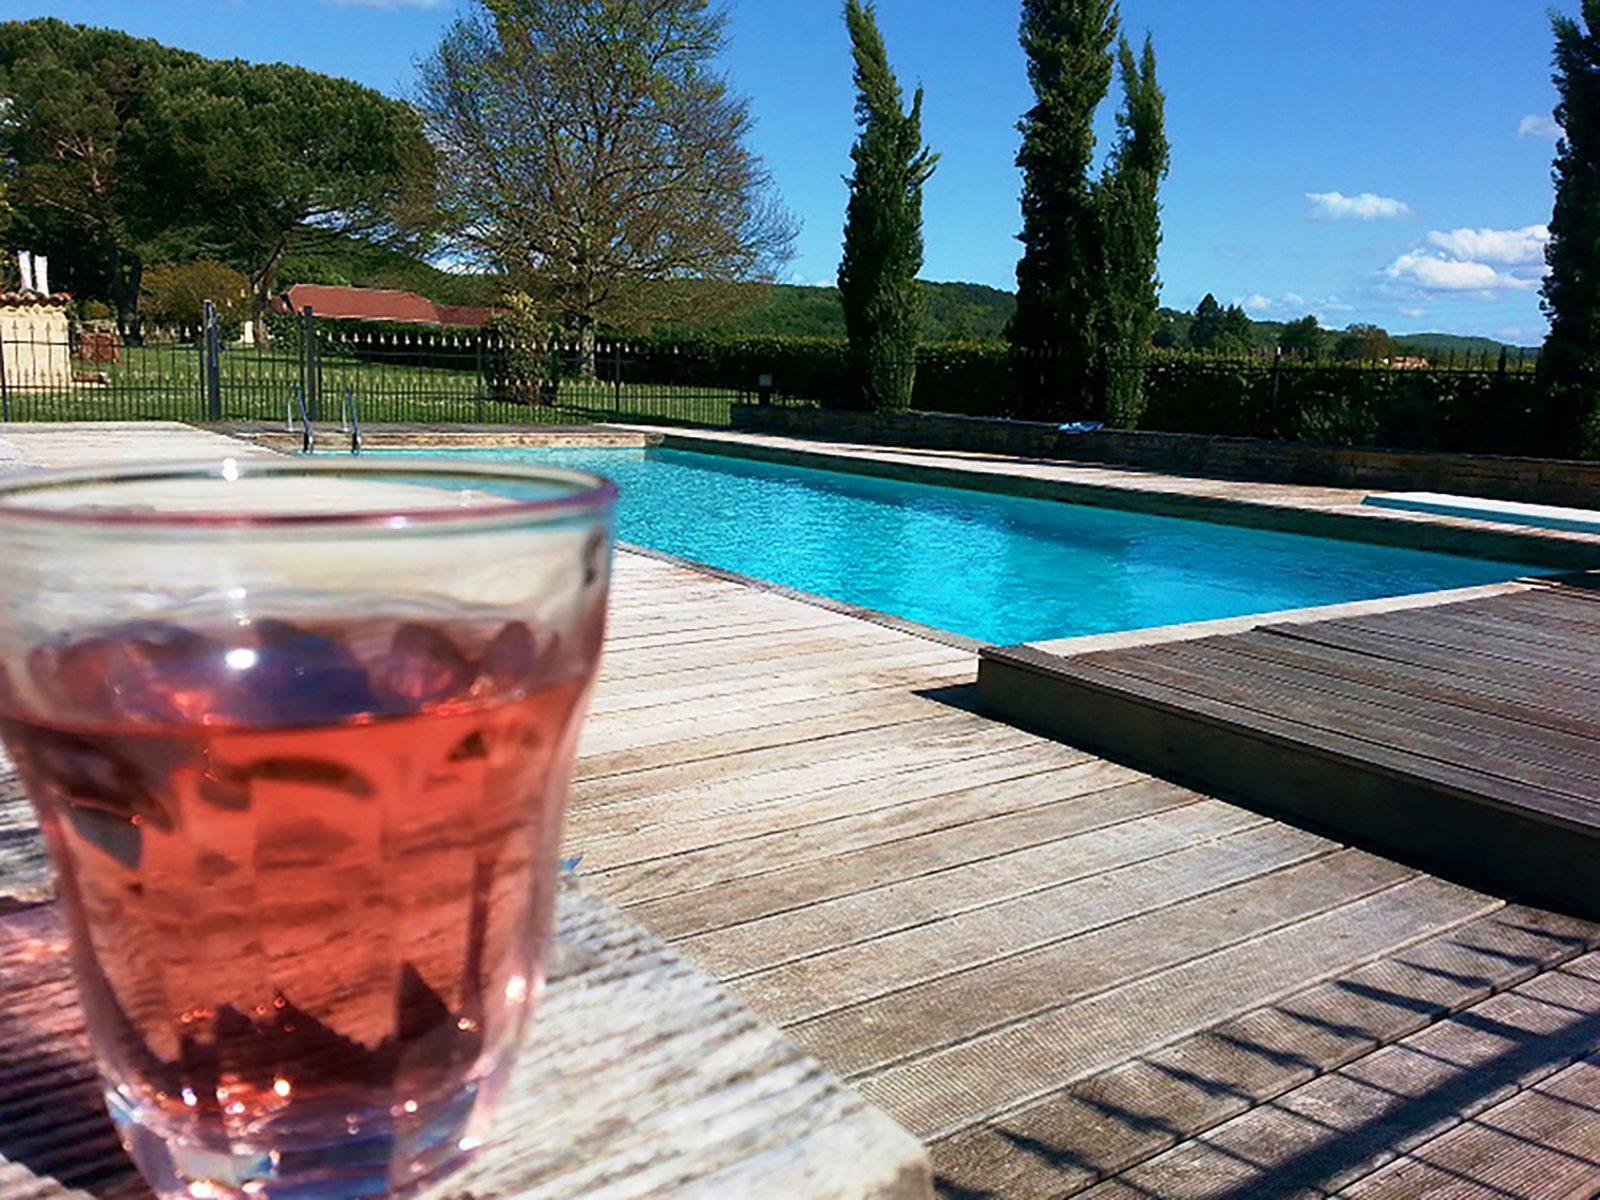 Vakantie, Frankrijk, zwembad, vakantiehuis, gîte, kleinschalig, kindvriendelijk